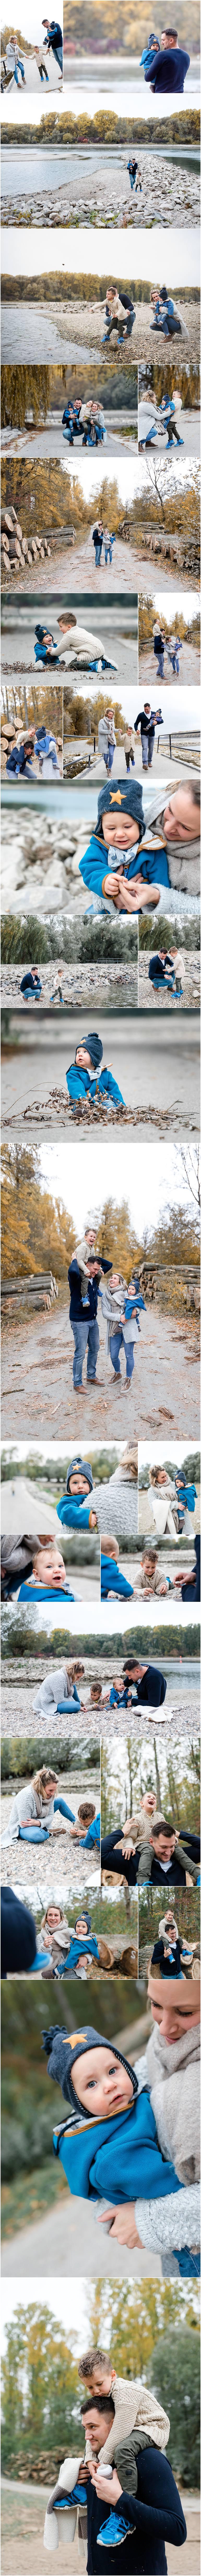 Herbst Familienshooting Karlsruhe